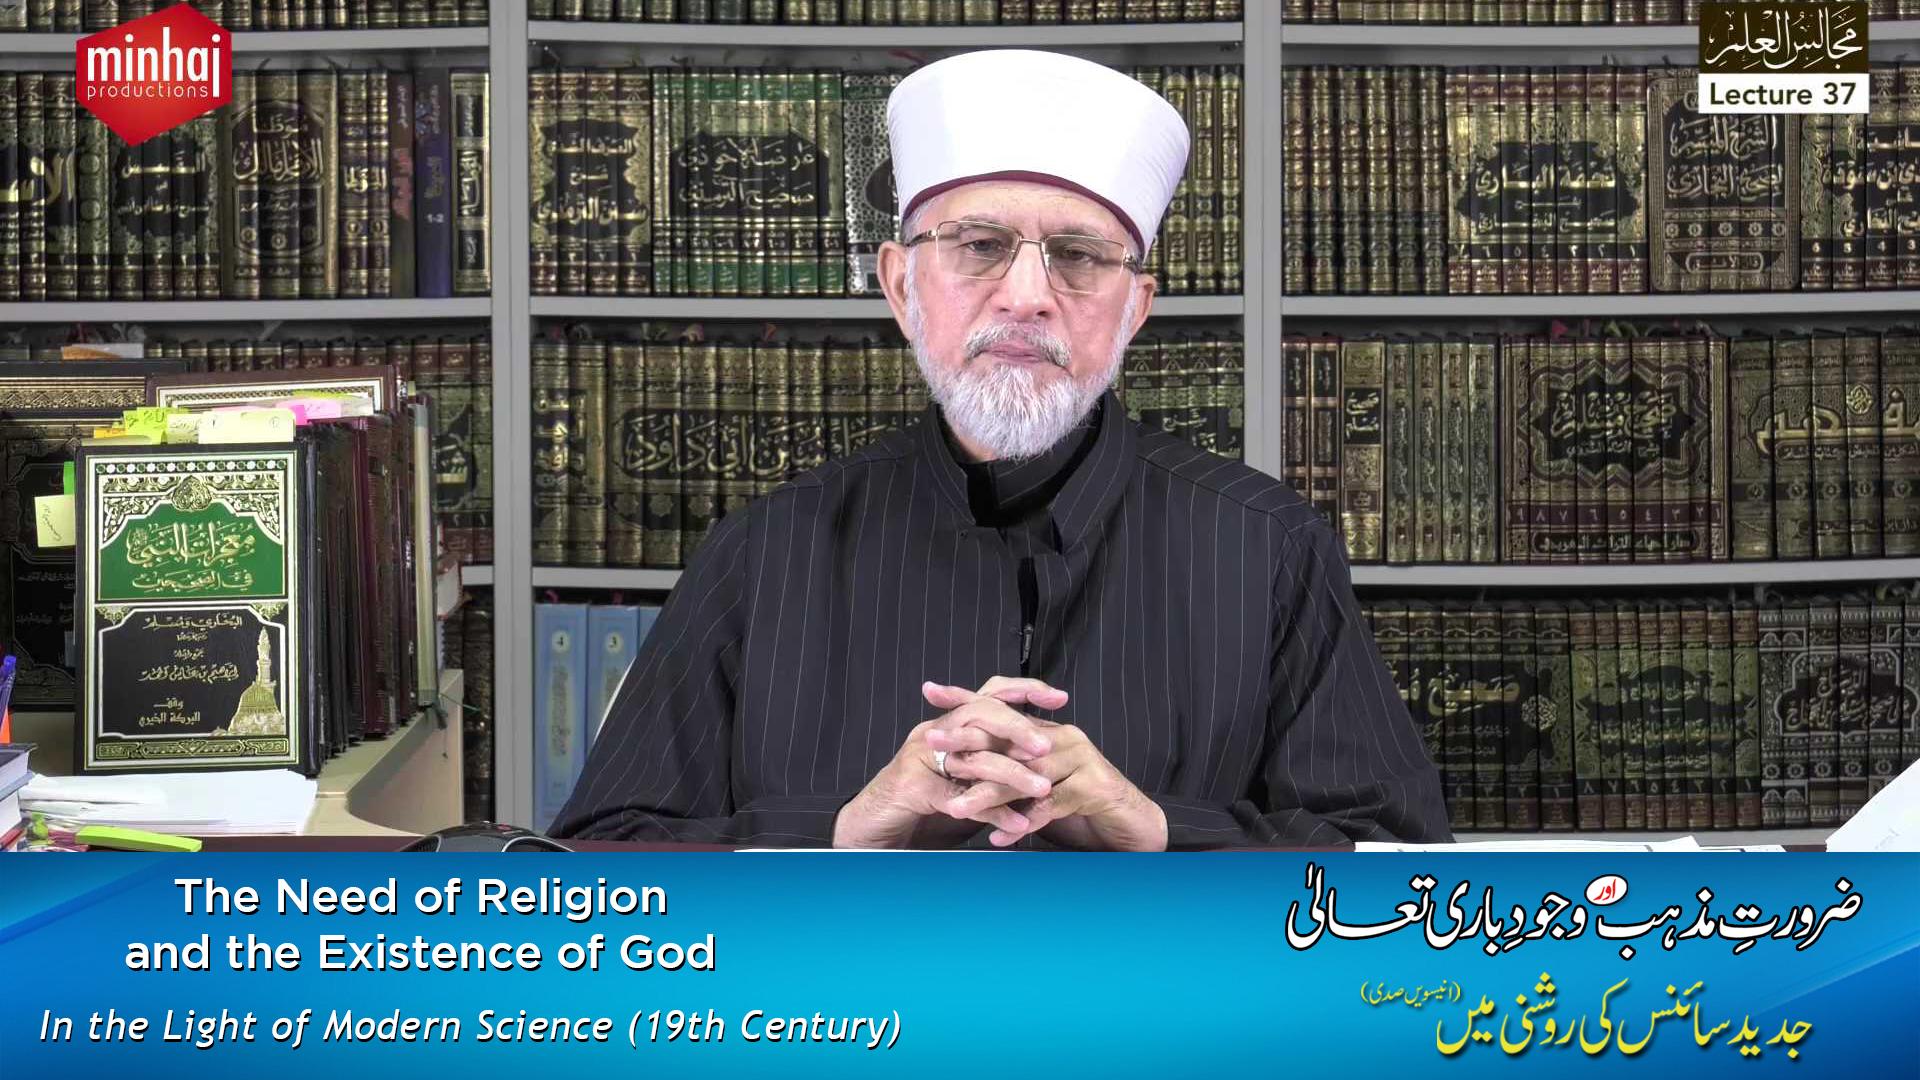 مجالس العلم 37 : خطاب شیخ الاسلام ڈاکٹر محمد طاہرالقادری